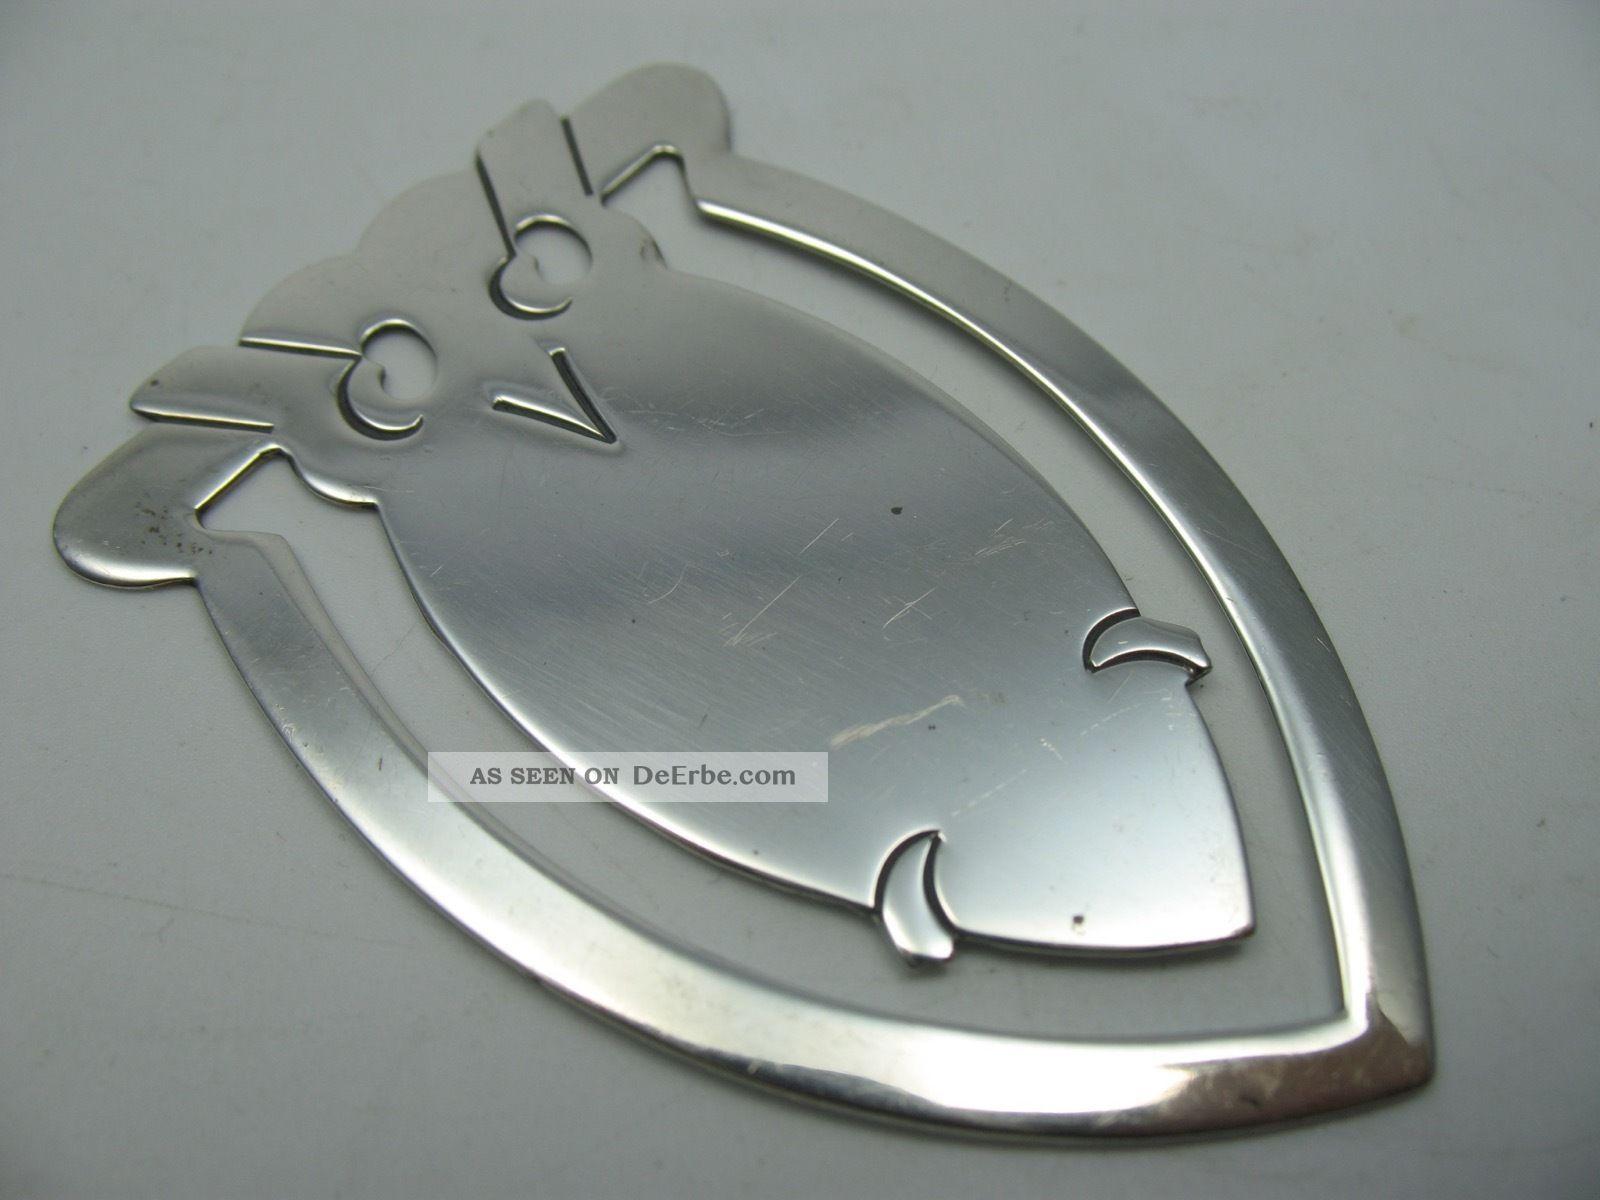 Wunderschönes Eule Lesezeichen Aus 925 Sterling Silber Objekte nach 1945 Bild